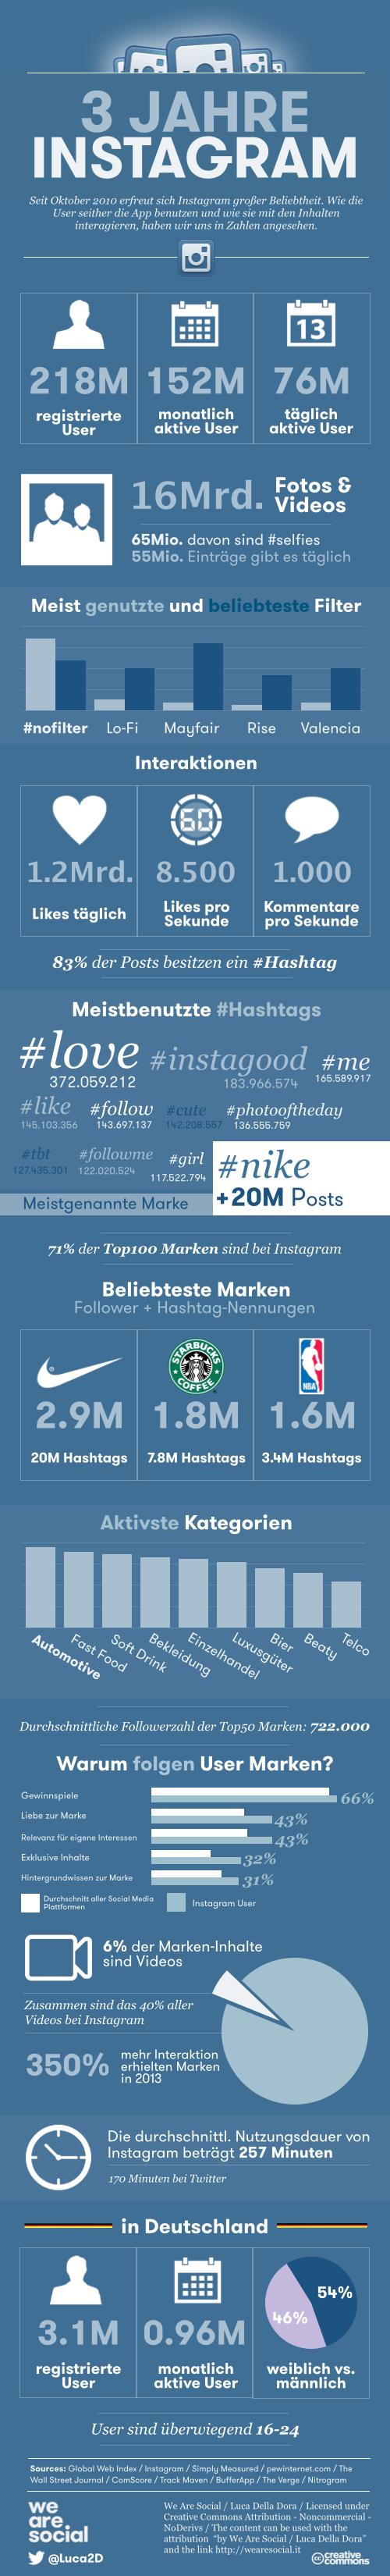 Infografik_Instagram_3_Jahre_Deutschland